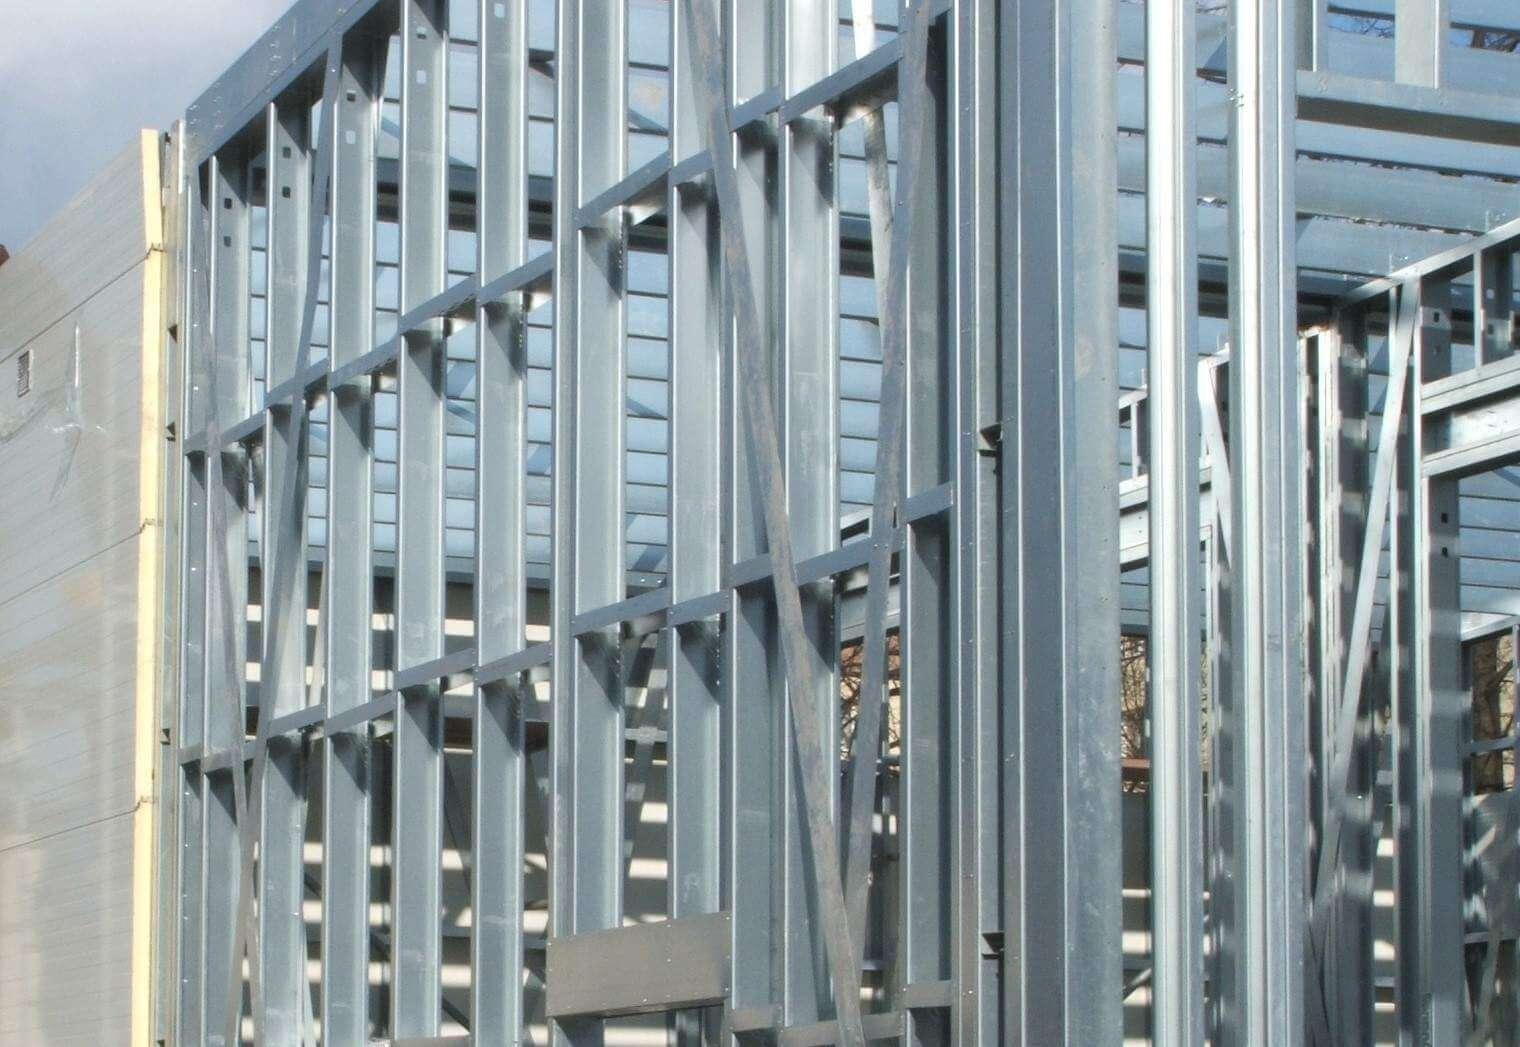 g 06 - Instalacja elewacji – panele poliuretanowe g_06